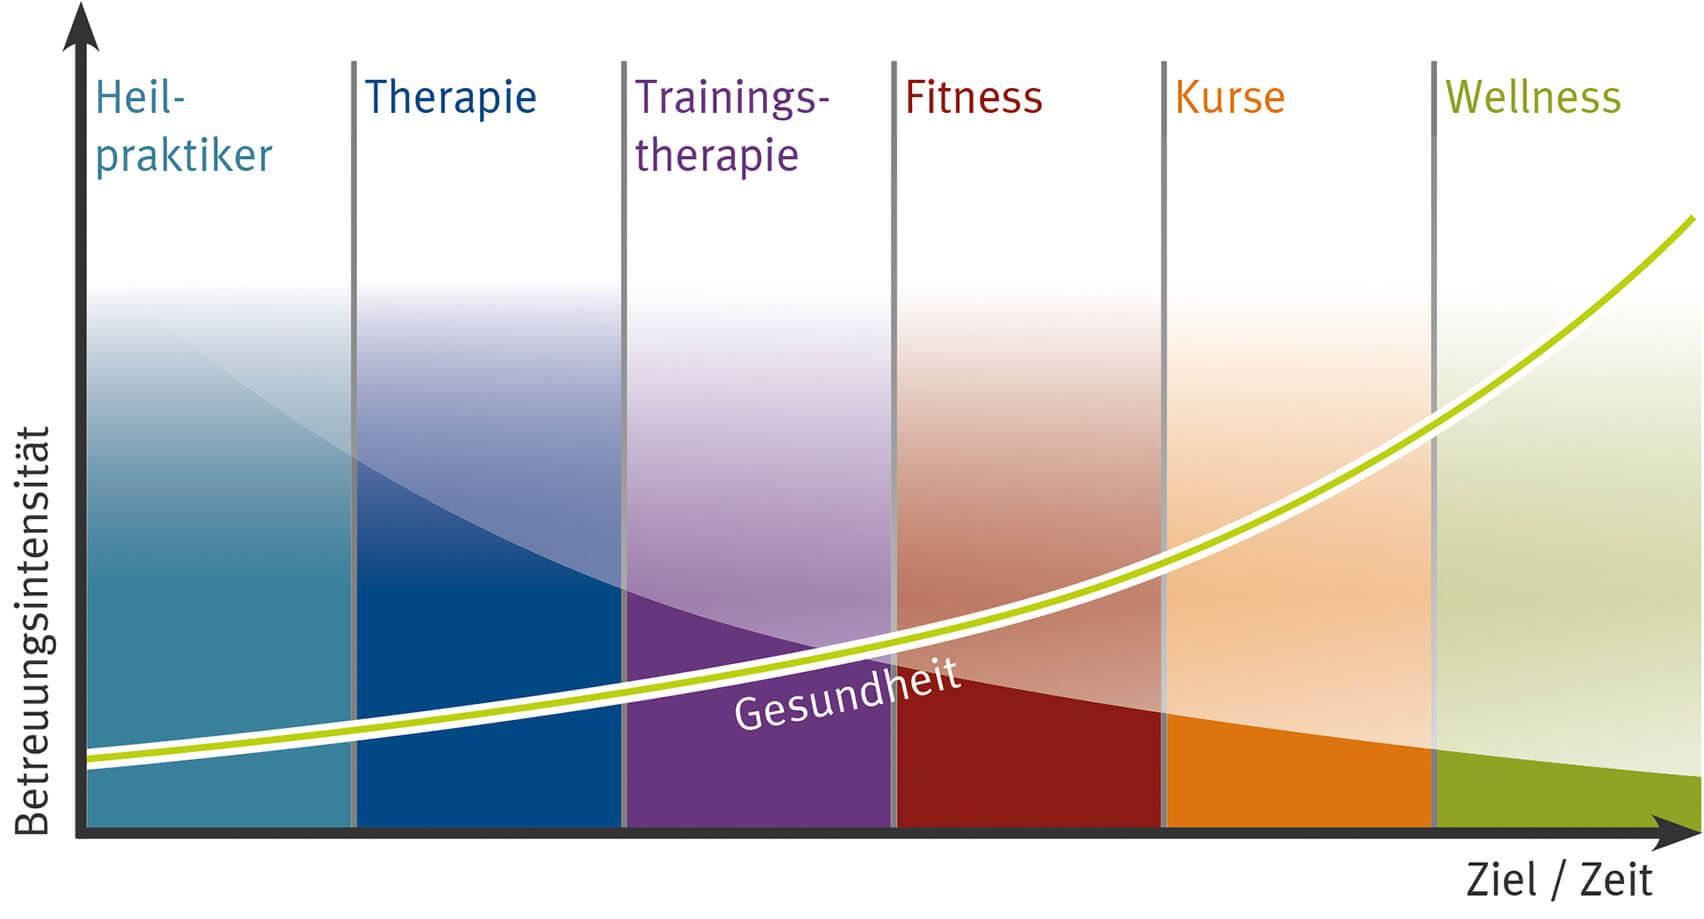 Gesundheitskurve-Betreuungsintensität